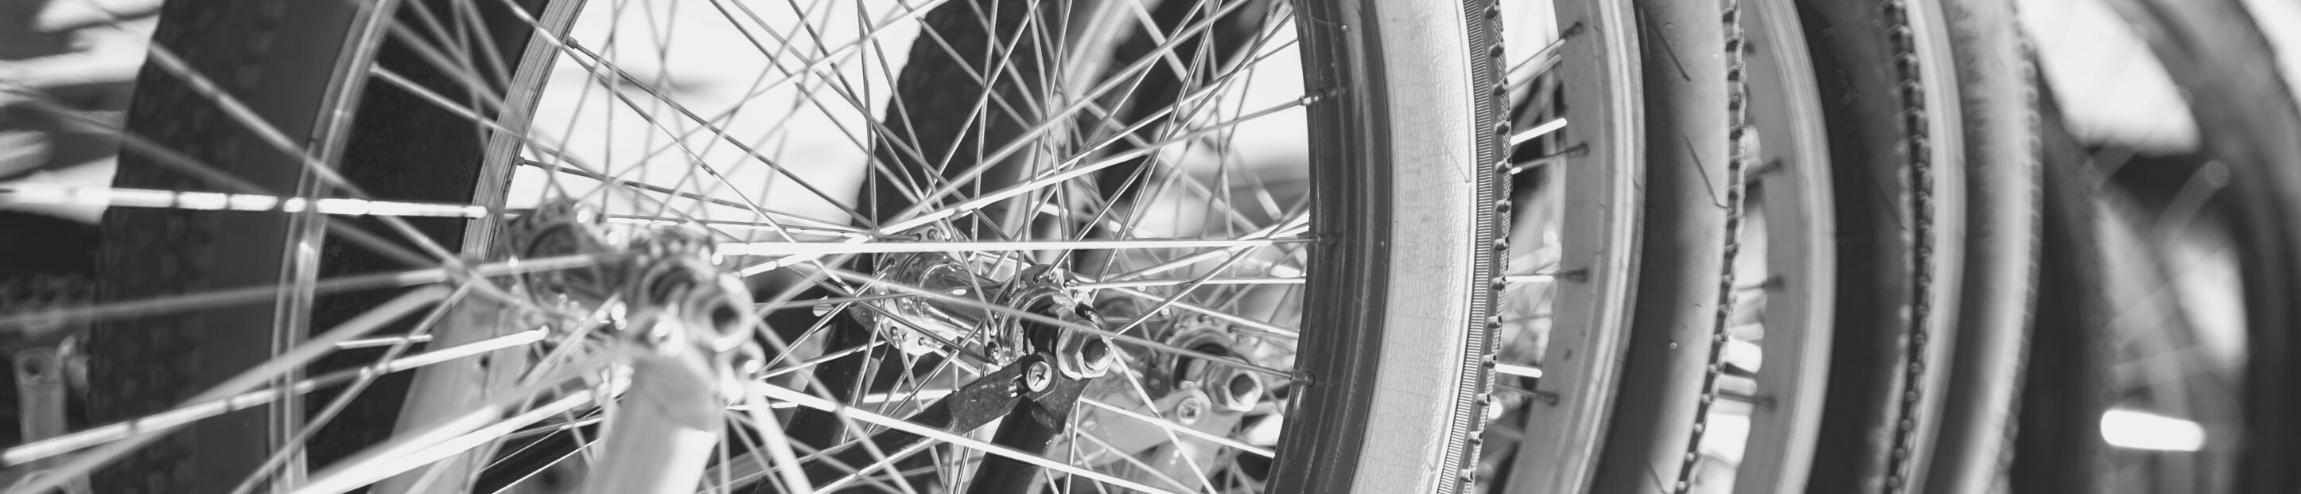 Roues de vélo